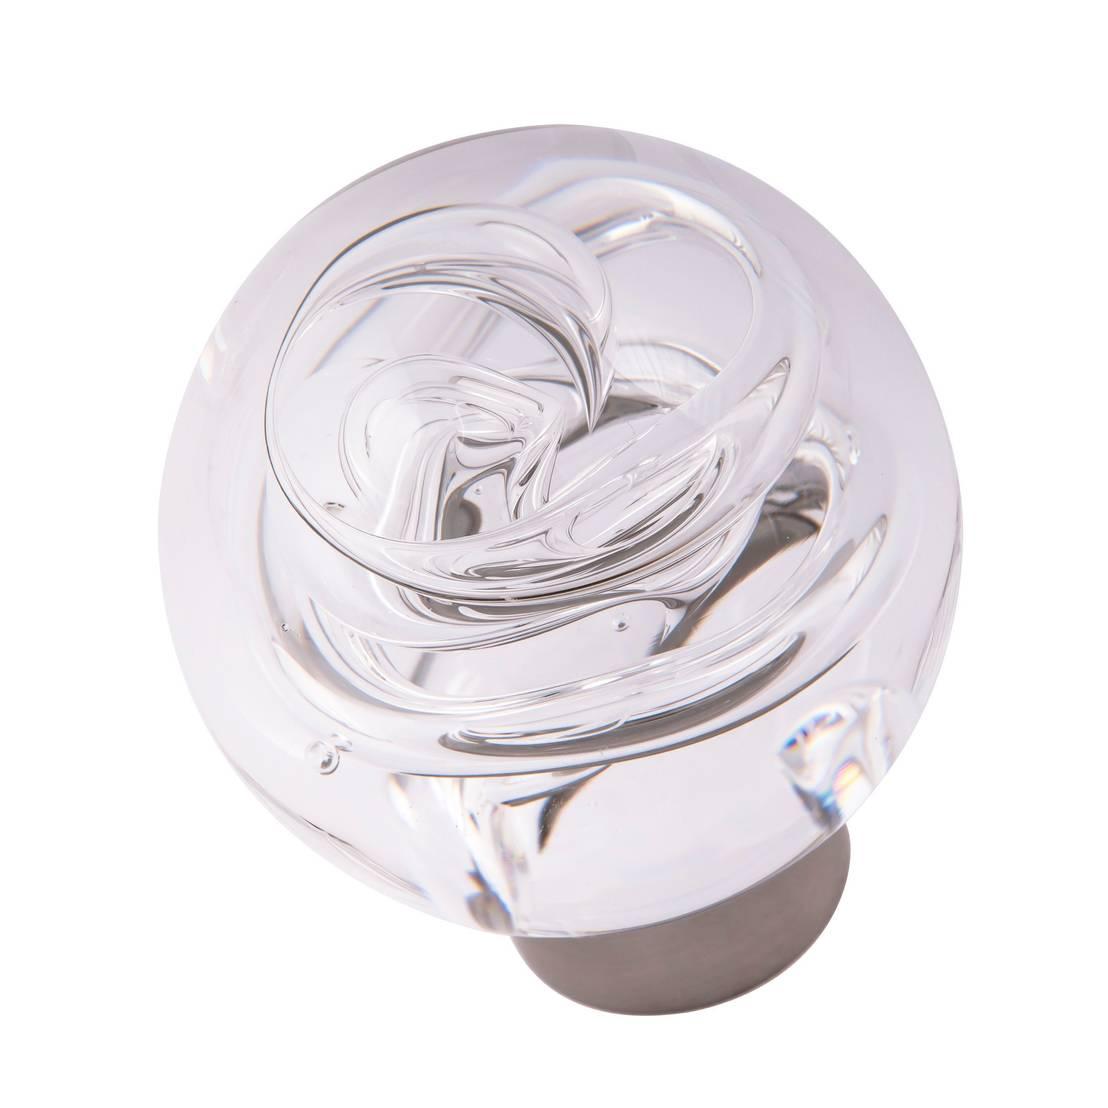 les verreries de br hat bouton de porte collection tubes de bulles sph rique homify. Black Bedroom Furniture Sets. Home Design Ideas